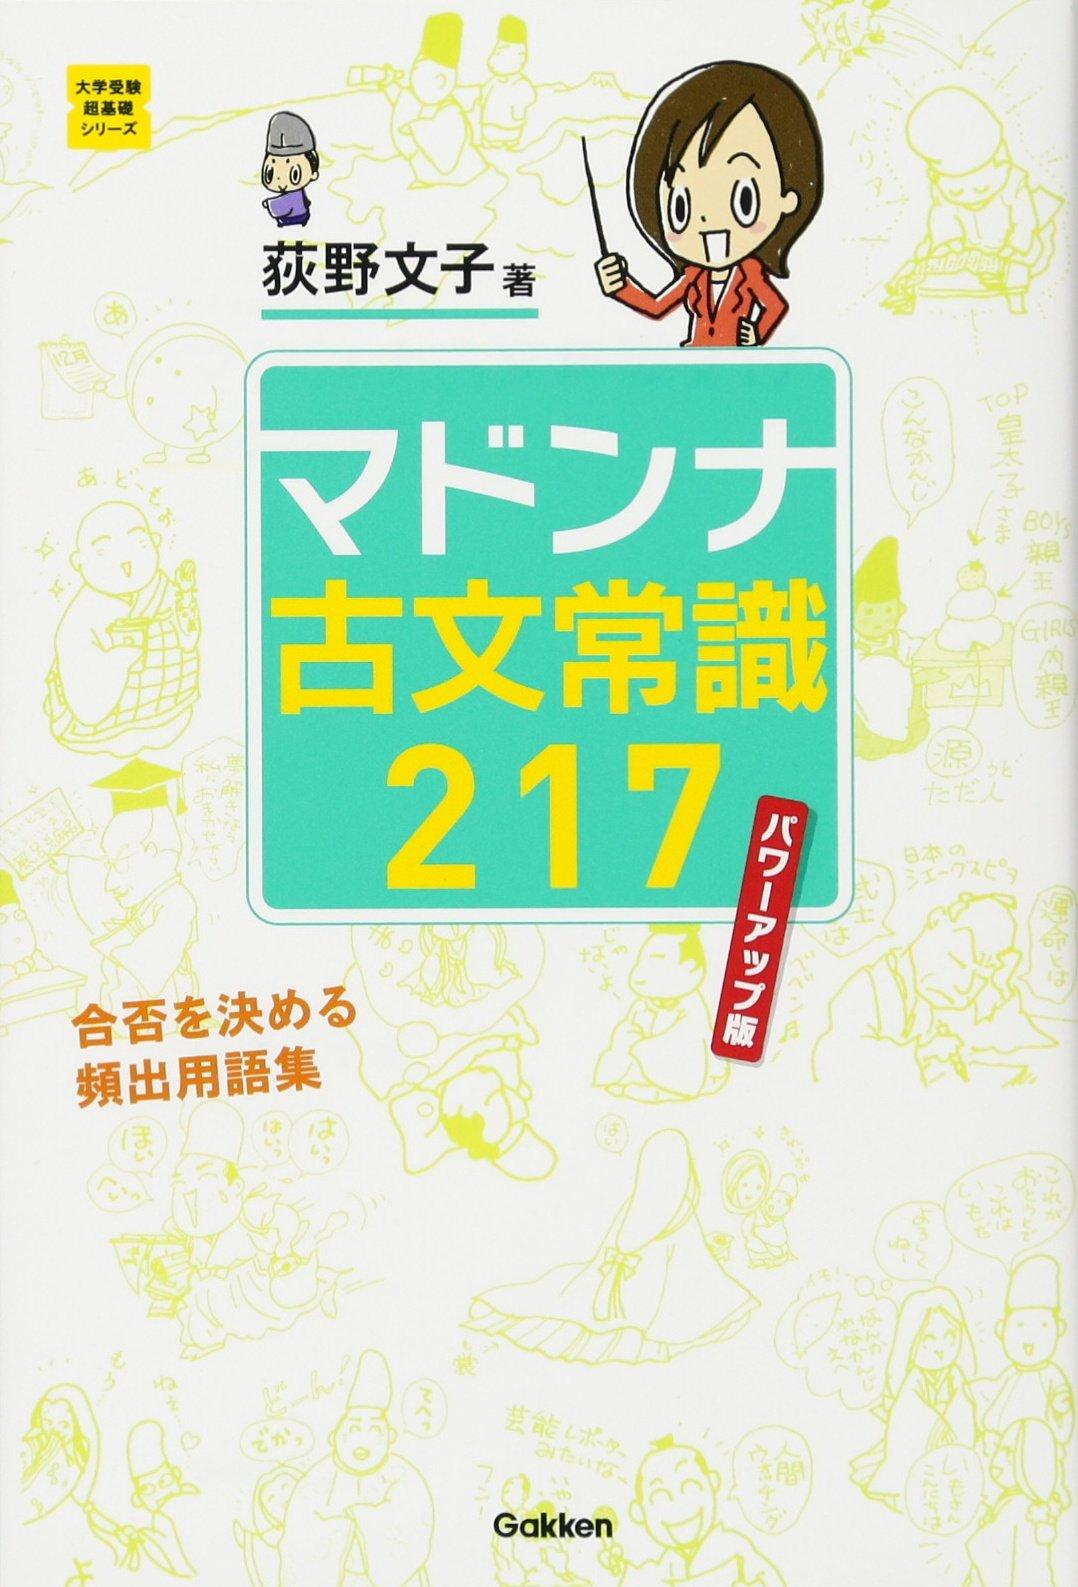 マドンナ古文常識217 パワーアップ版 (大学受験超基礎シリーズ) | 荻野文子 |本 | 通販 | Amazon